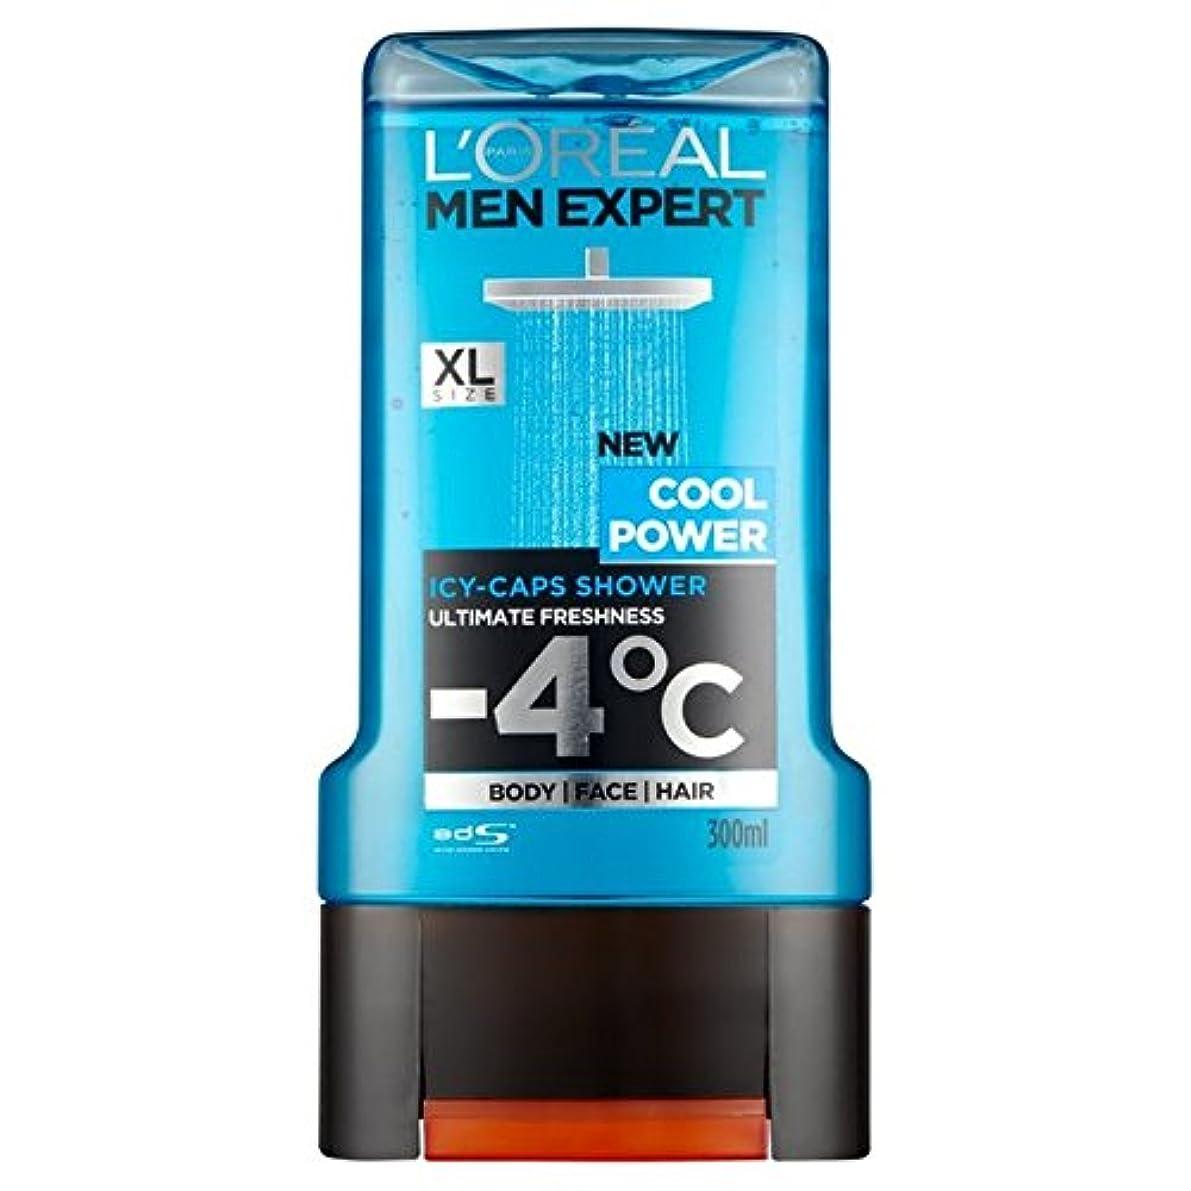 グラス一時停止ダッシュL'Oreal Paris Men Expert Cool Power Shower Gel 300ml - ロレアルパリの男性の専門家のクールなパワーシャワージェル300ミリリットル [並行輸入品]